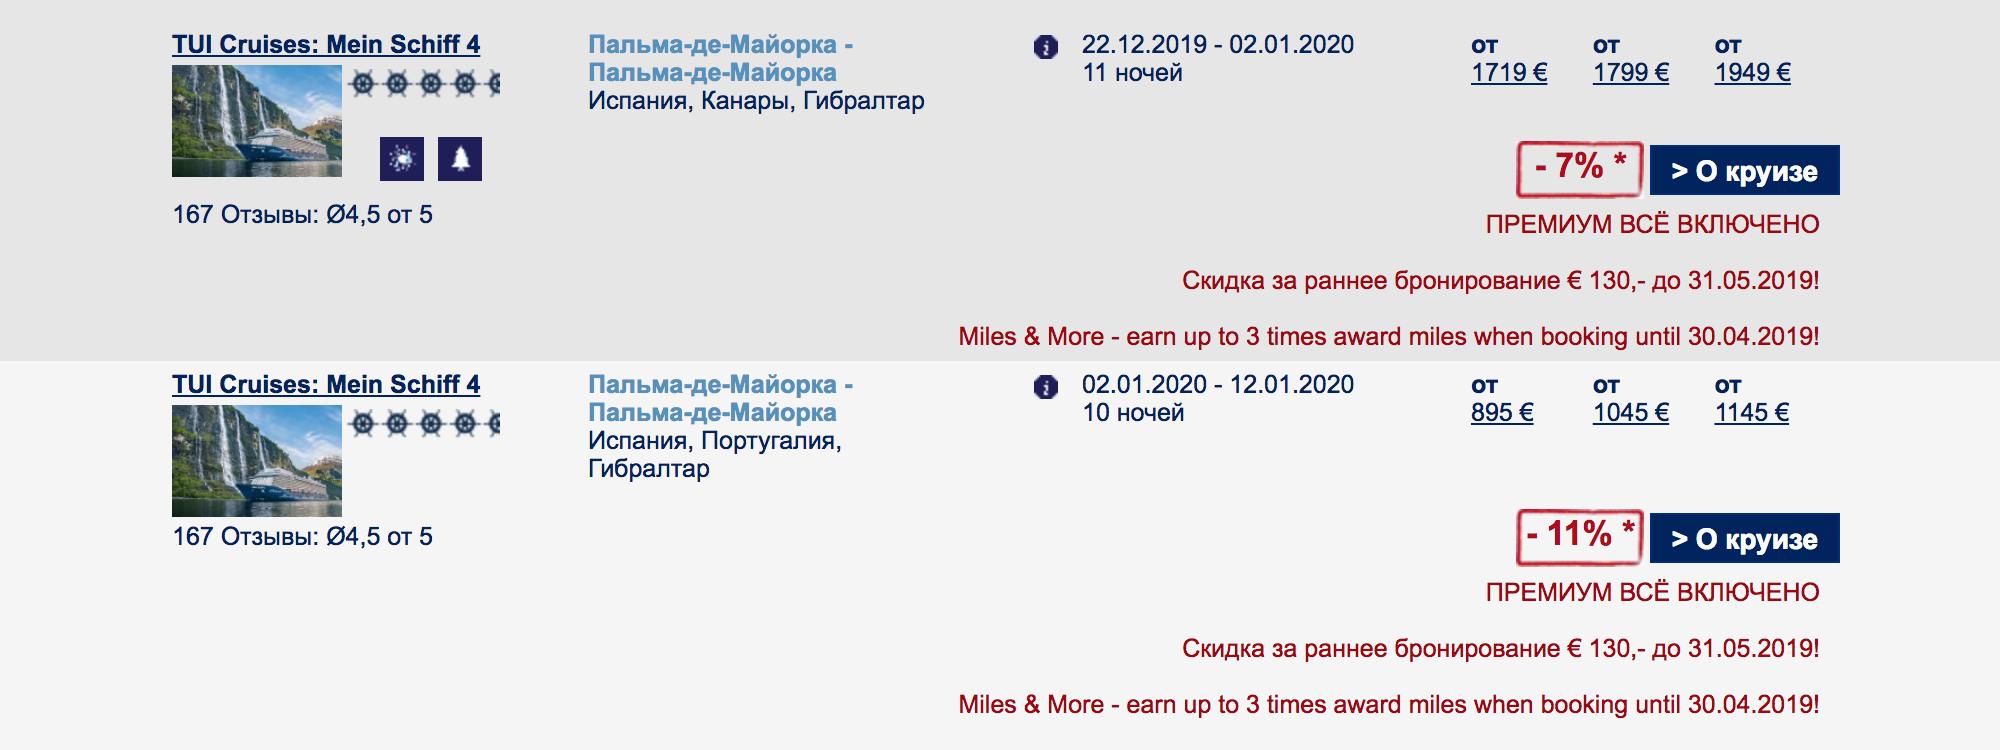 Встреча Нового года на борту обойдется в два раза дороже, чем круиз, который начинается 2 января